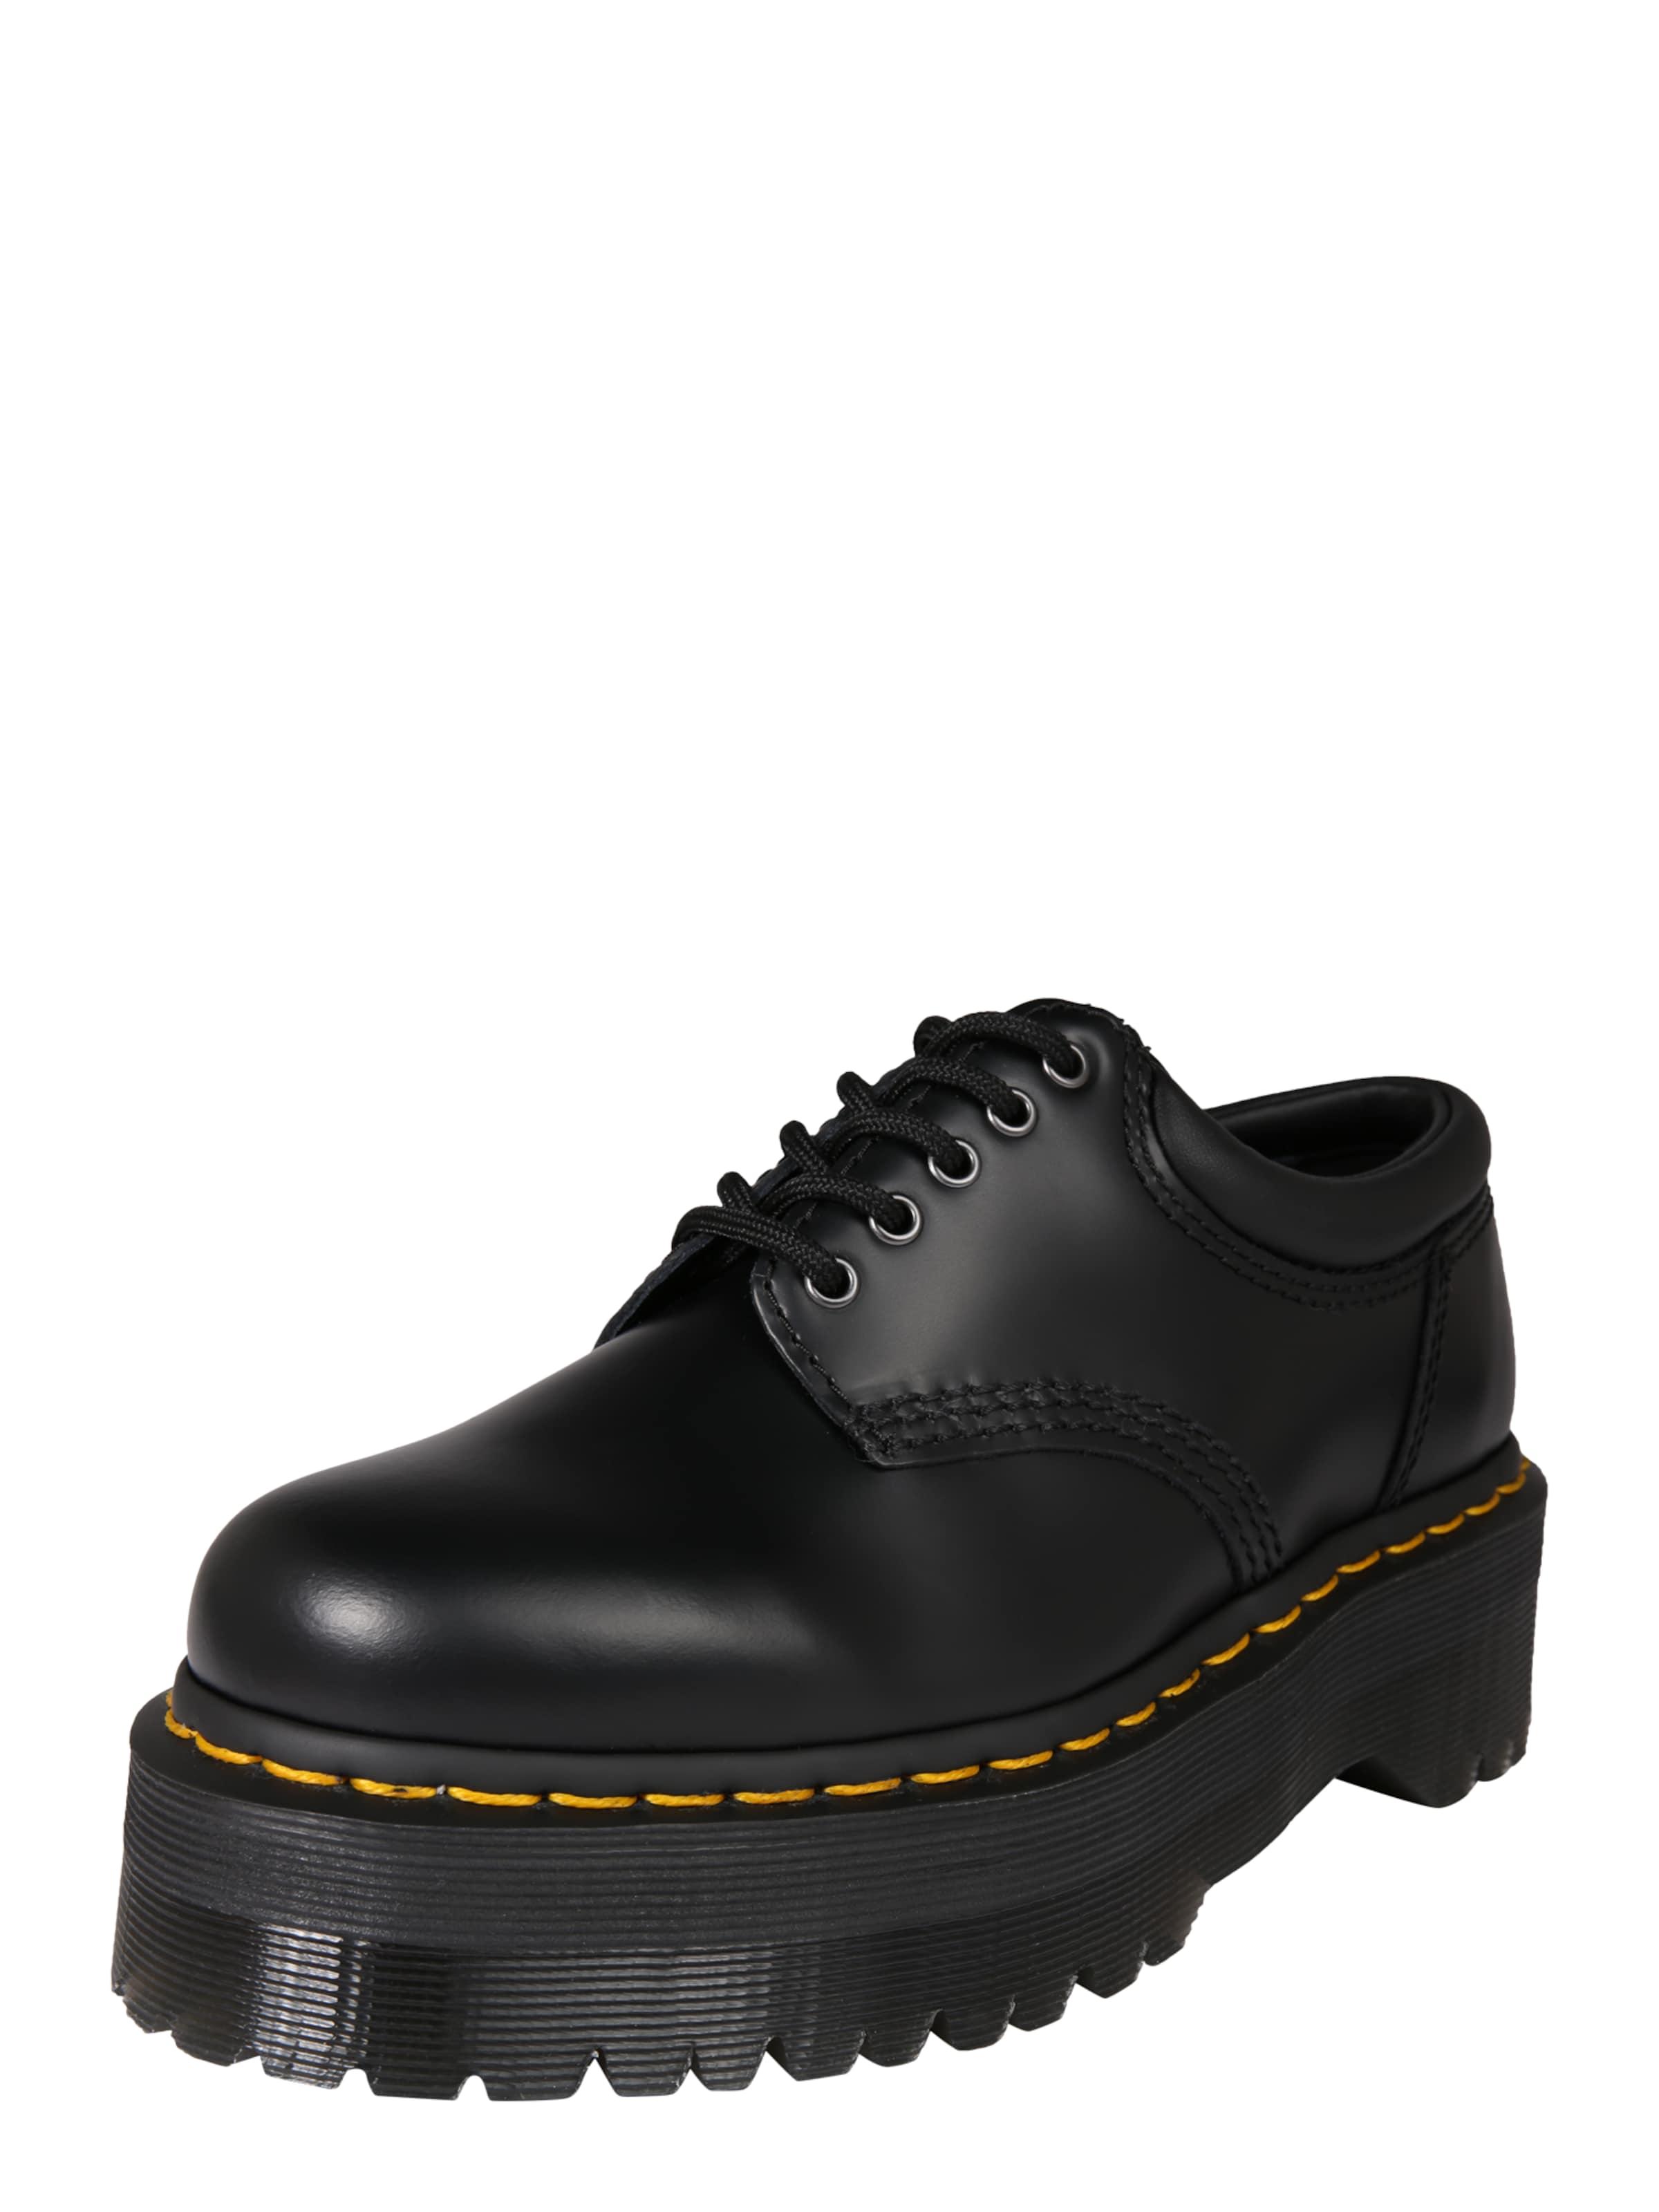 En À Lacets Martens 8053' Dr Shoe Noir Chaussure Tie '5 Eq8dqxFan